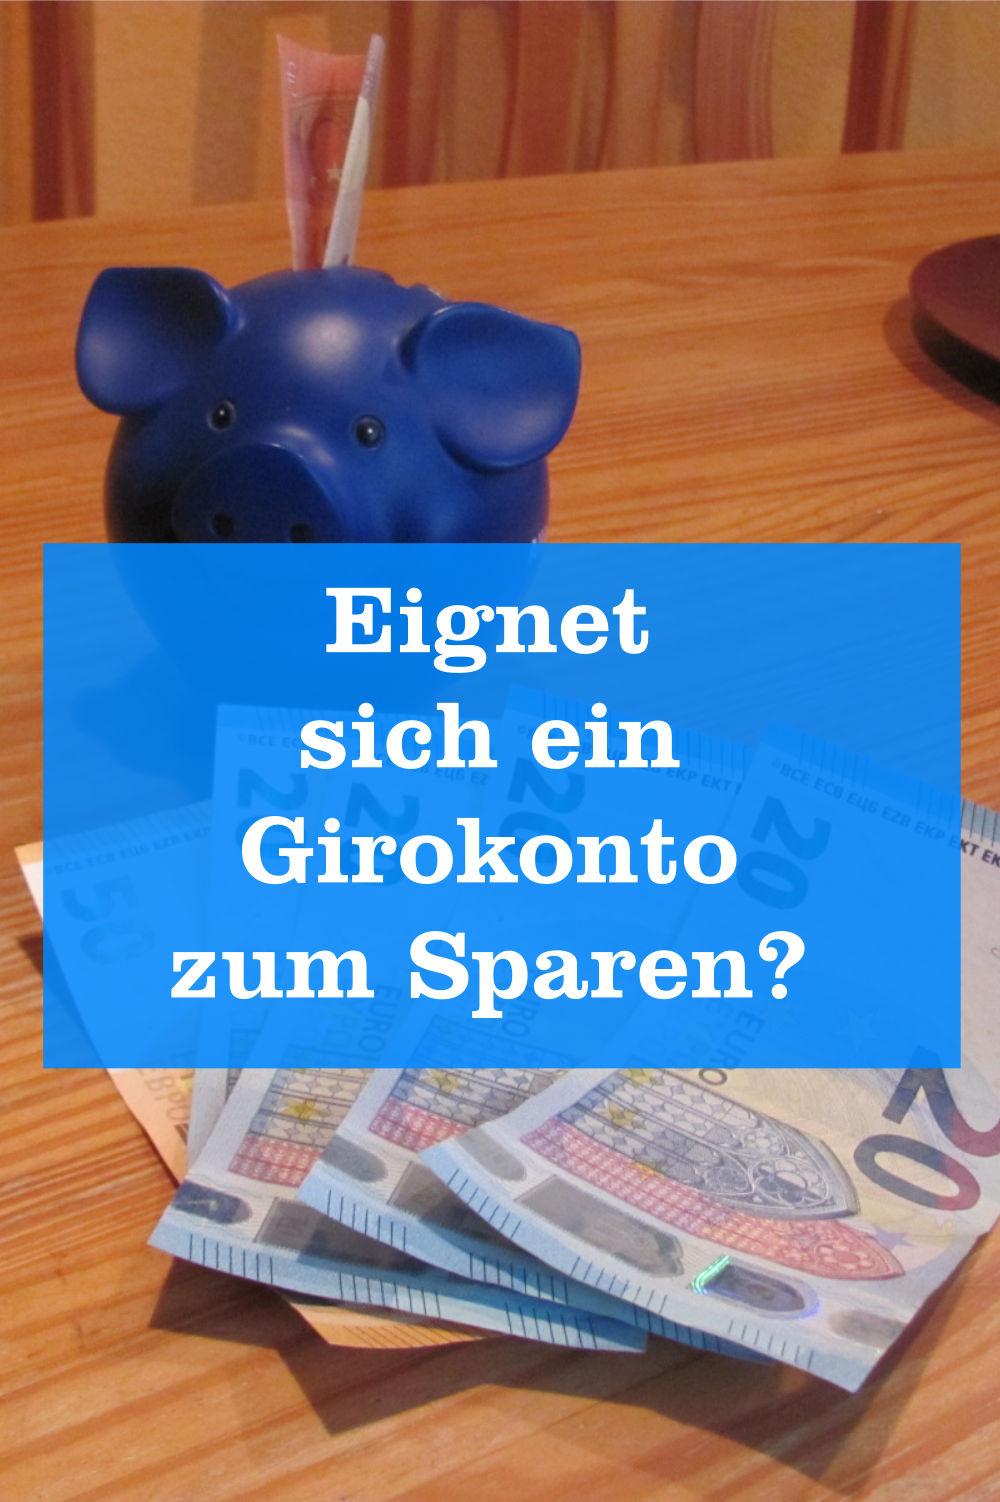 Girokonto zum Sparen